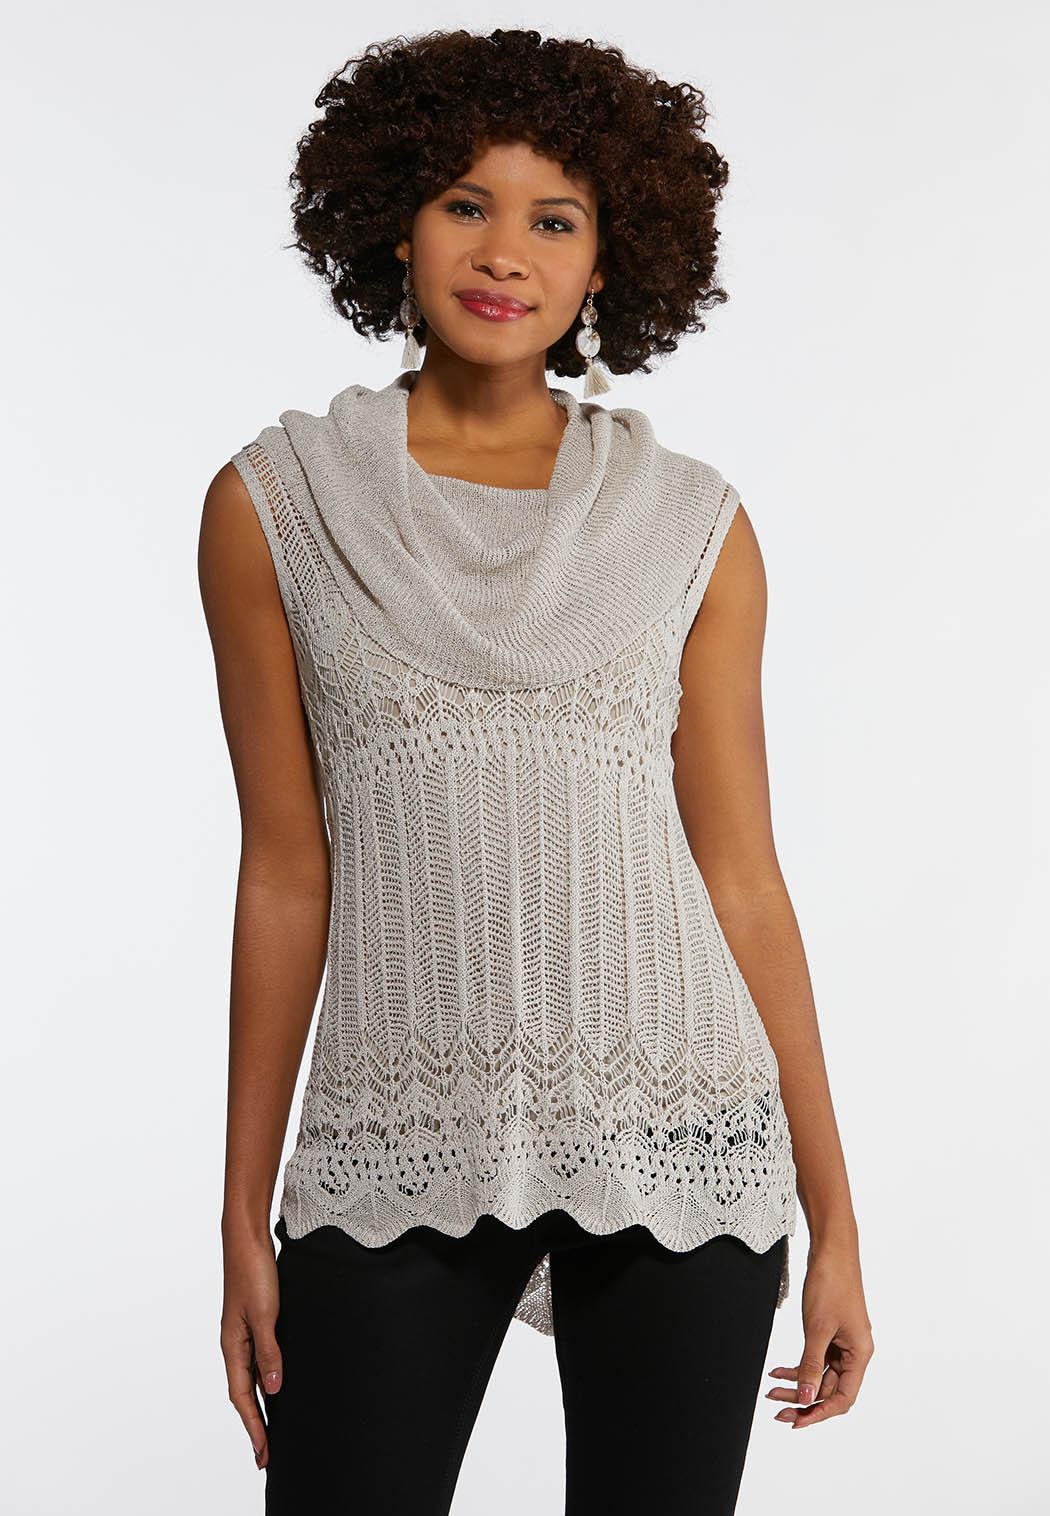 da27812f17 Cowl Neck Sweater Pullovers Cato Fashions